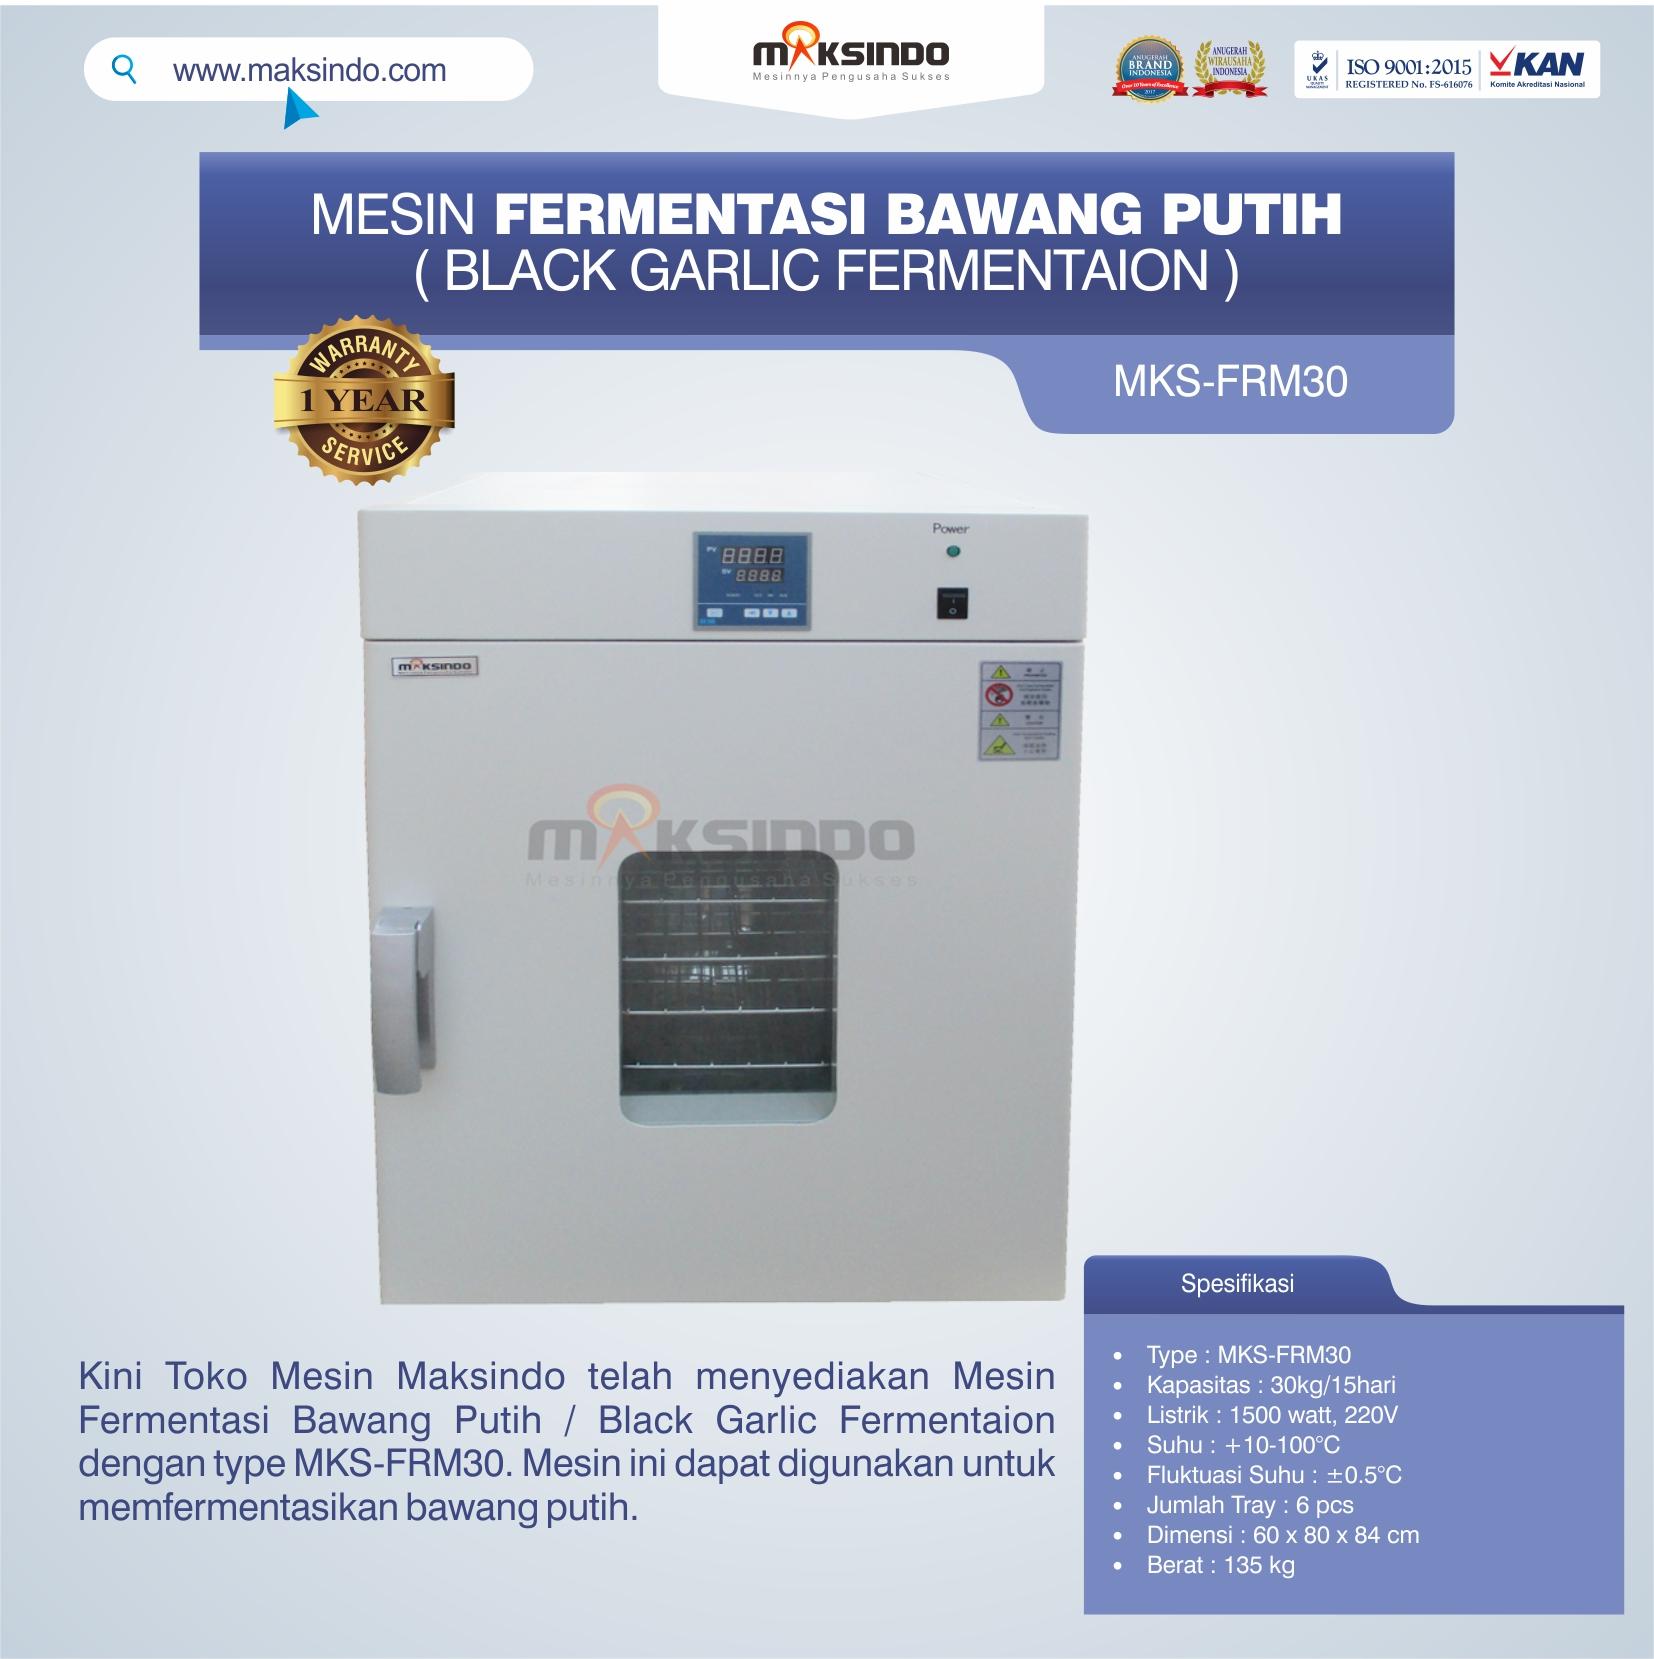 Jual Mesin Fermentasi Bawang Putih / Black Garlic Fermentaion MKS-FRM30 di Medan